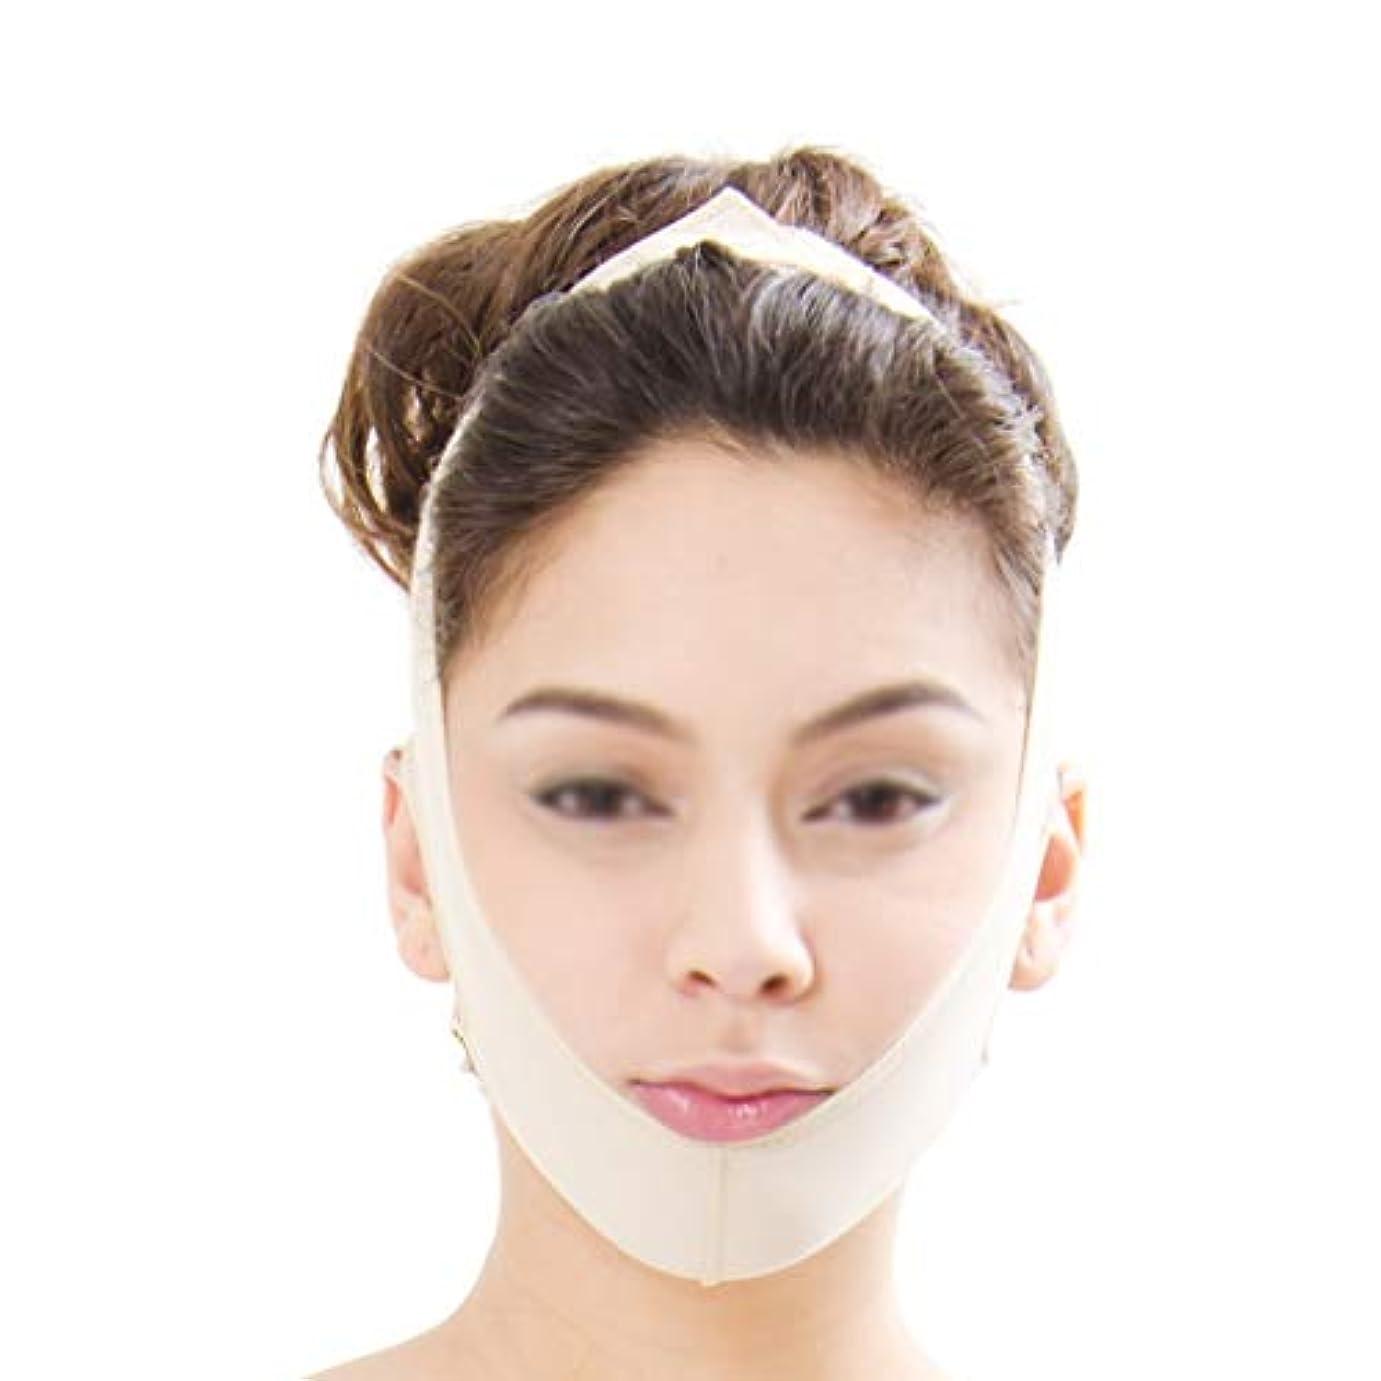 土曜日保持おじいちゃんLJK フェイススリミング包帯、フェイスリフティングマスク、フェイスリフティング包帯、フェイシャル減量マスク、ダブルチンケア減量 (Size : M)